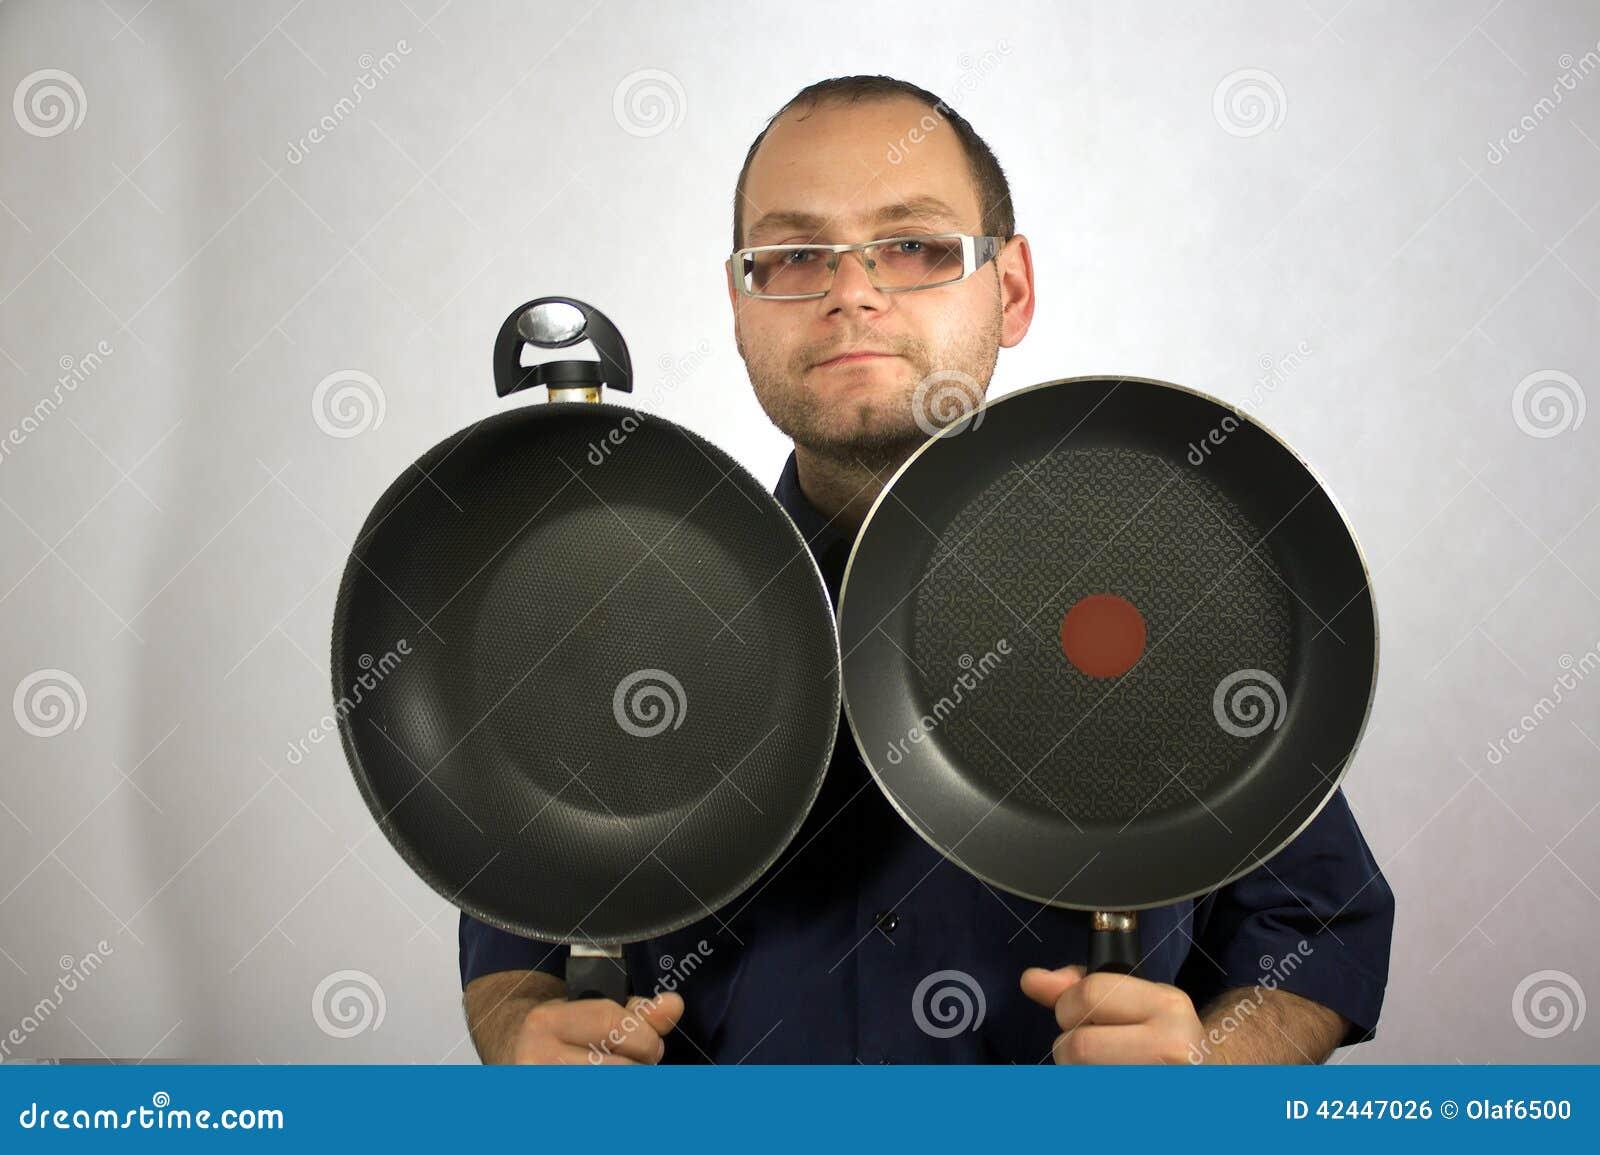 Mann mit Küchenzubehör